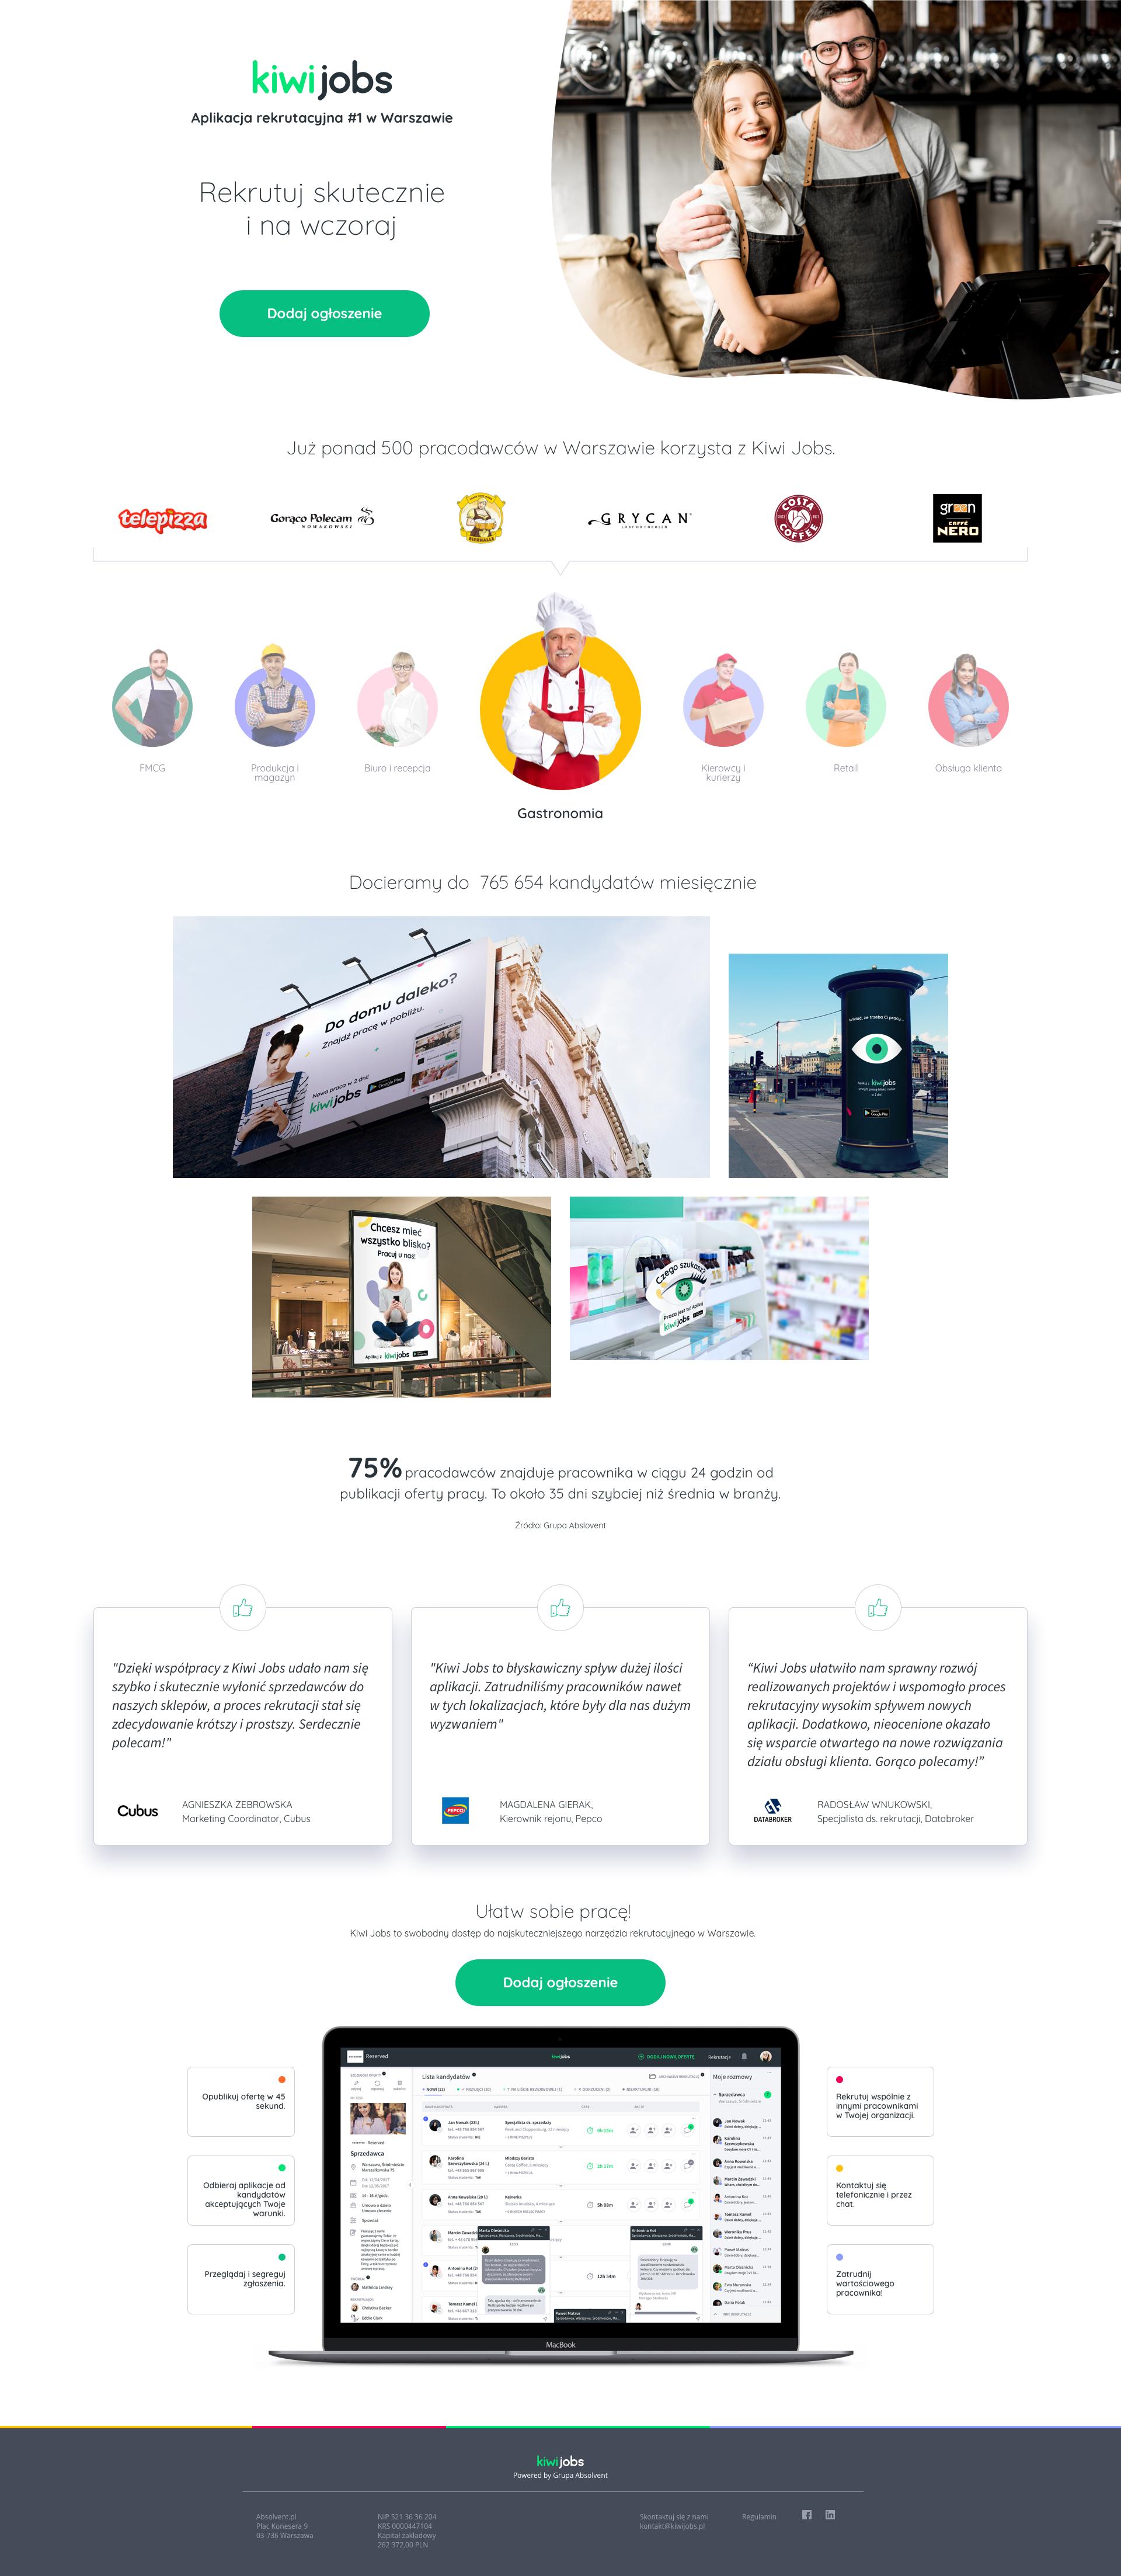 Kiwi Jobs Landing Page B2b Best Landing Page Design Landing Page Landing Page Design